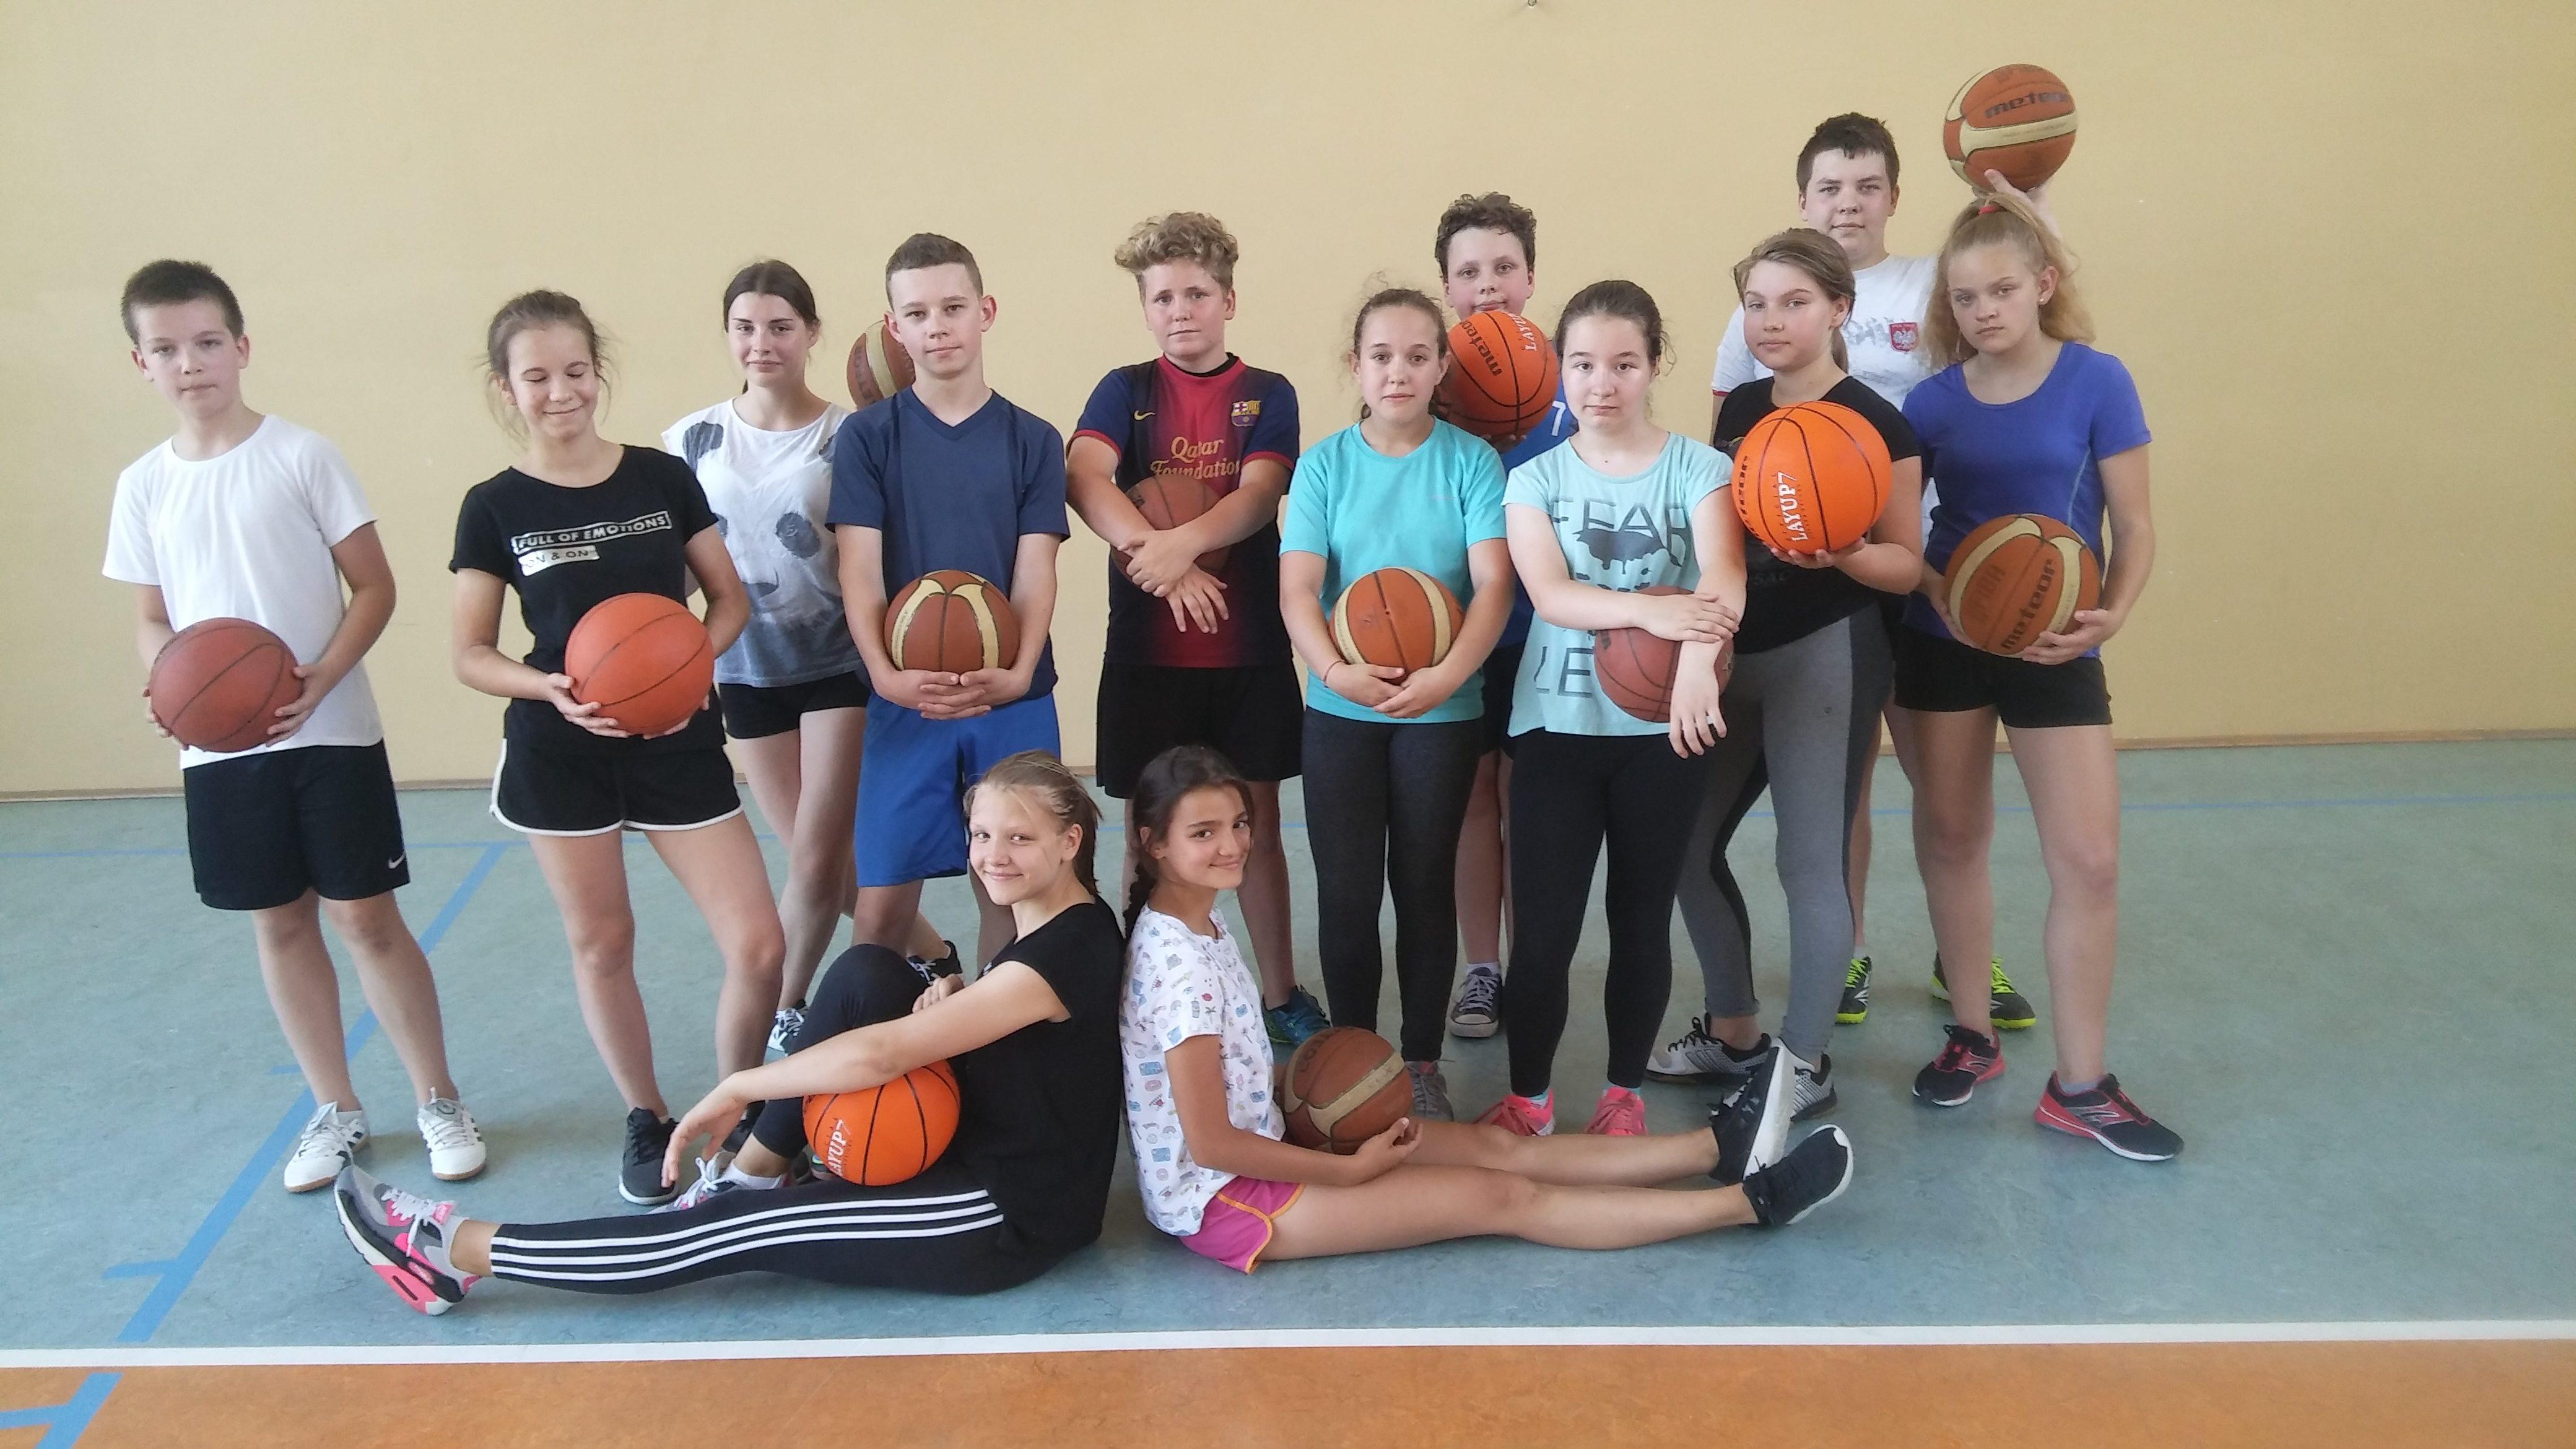 Szkolny Konkurs Koszykówki dla klas VI